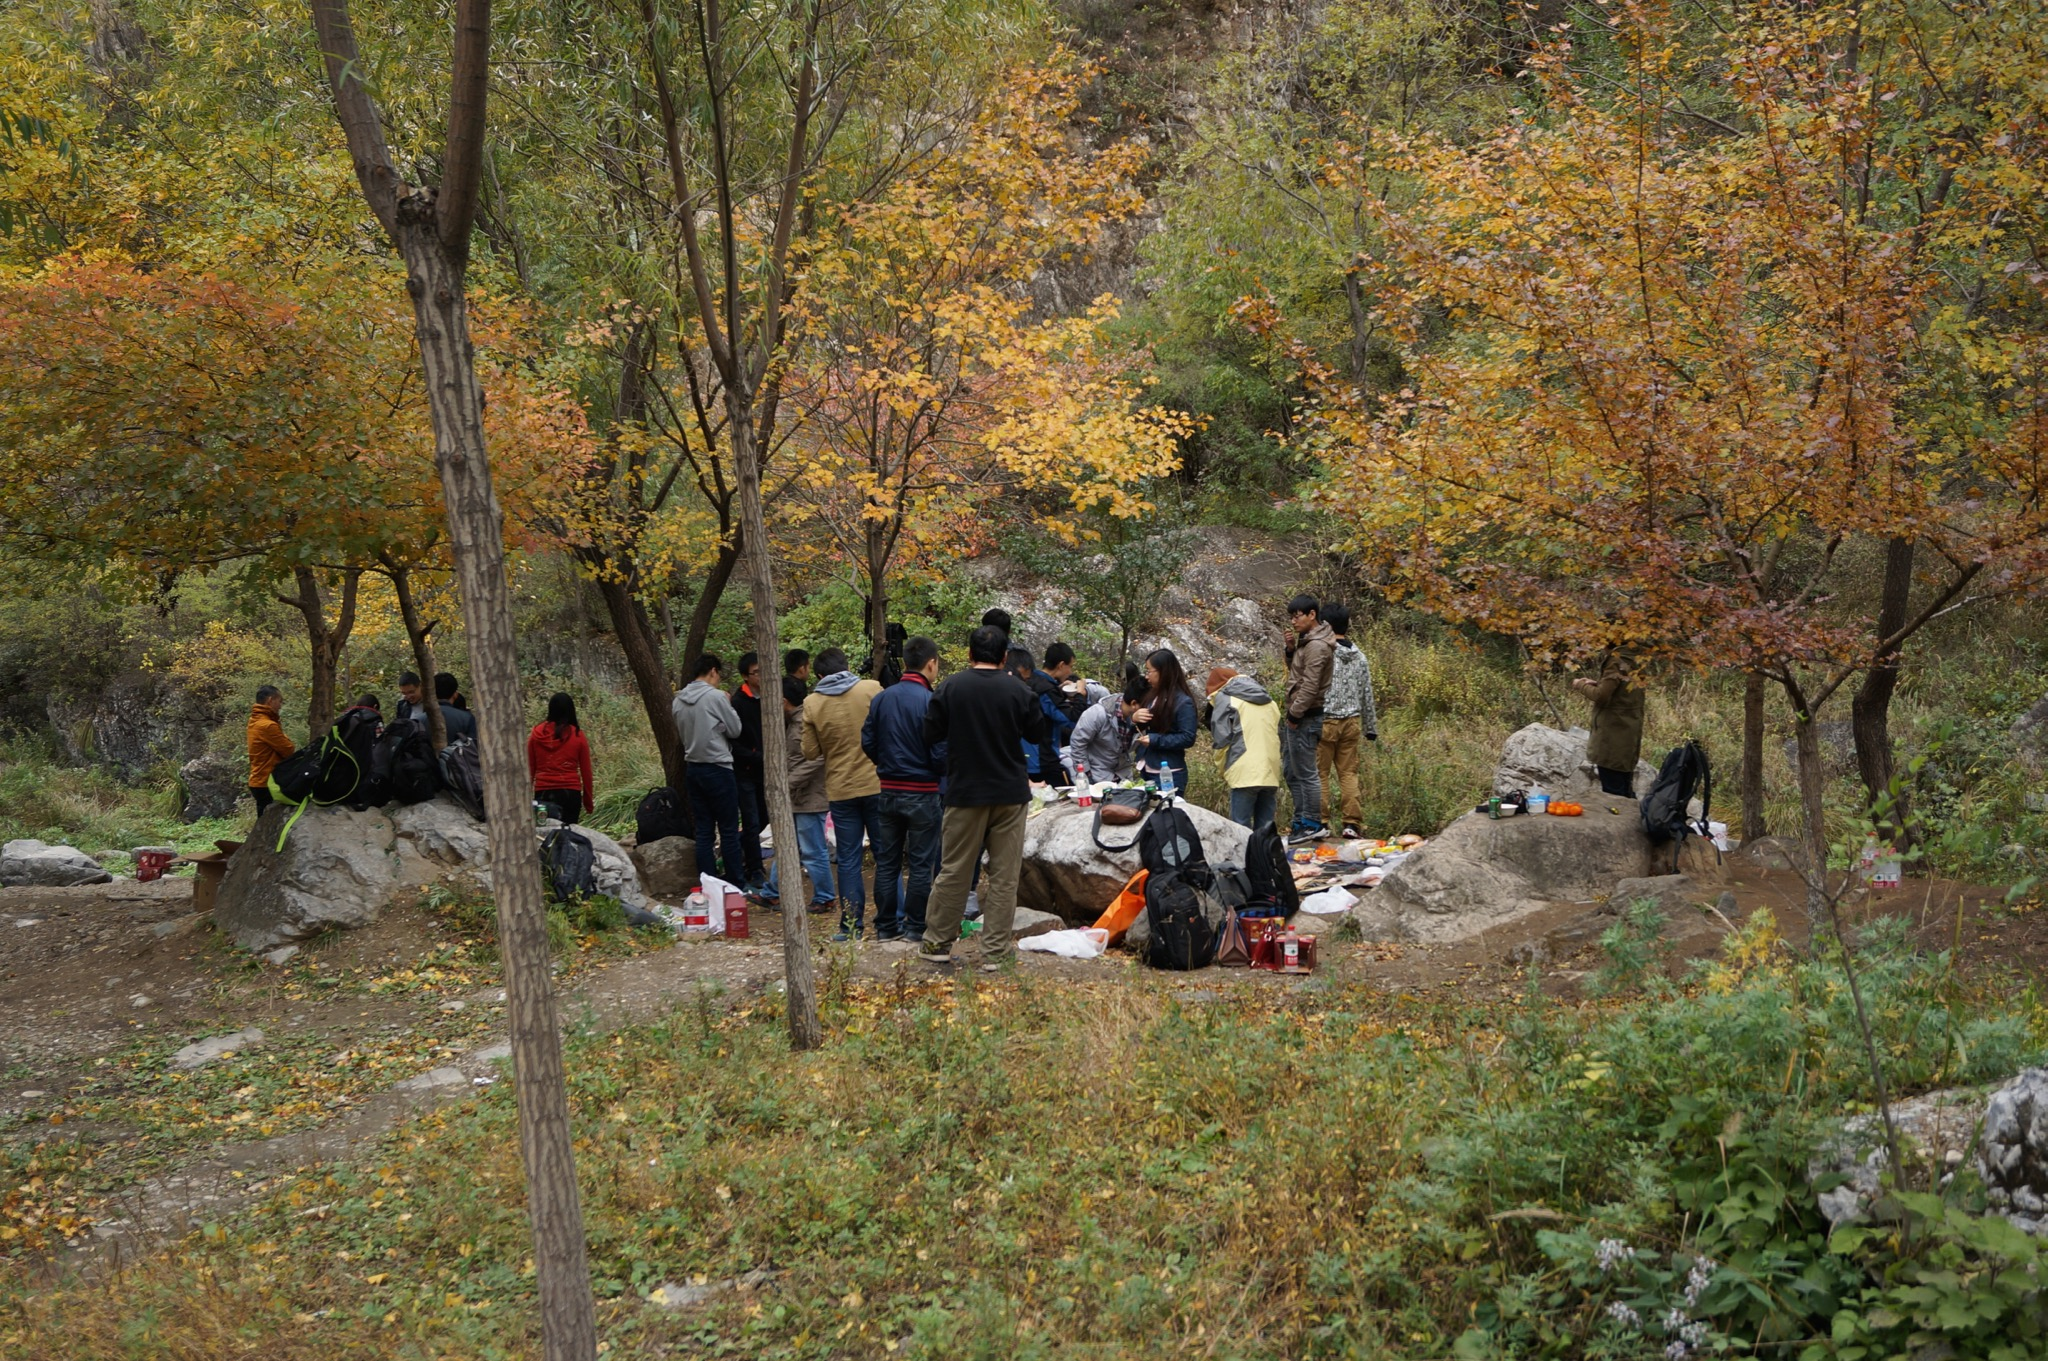 秋季树木掩映下的烧烤饭局